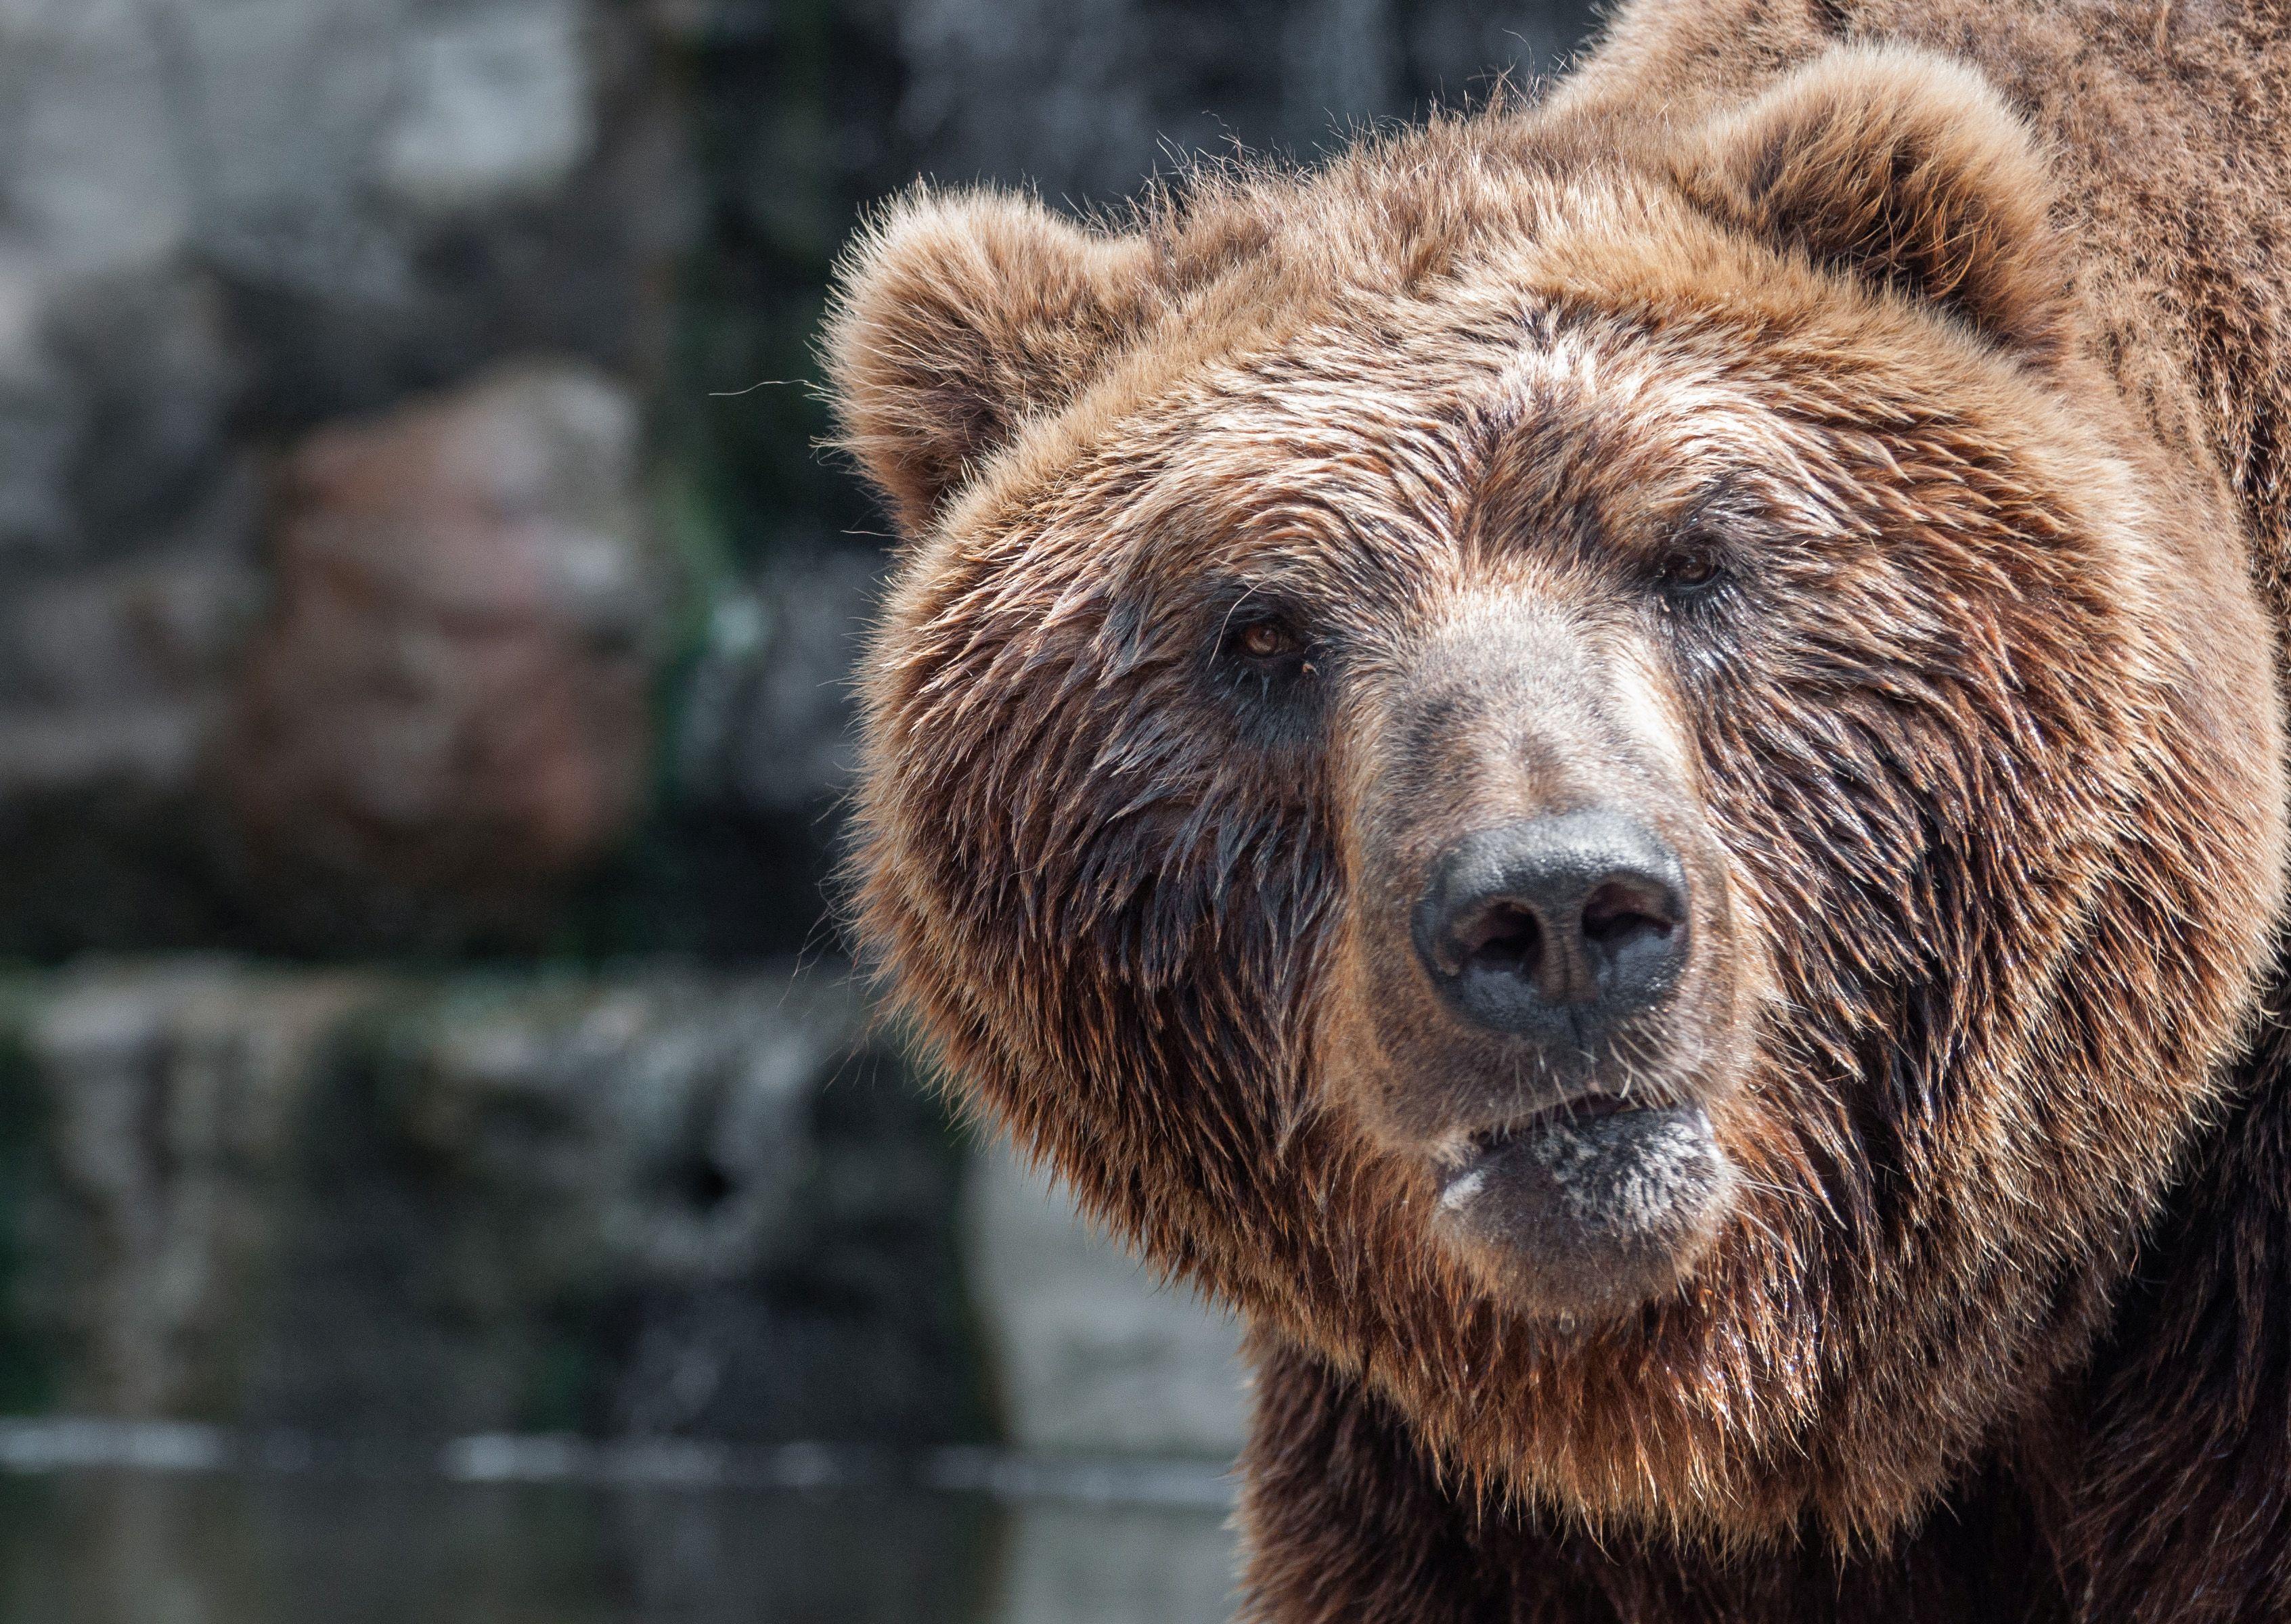 Megállt a forgalom egy orosz városban, mert mindenki azt mozizta, ahogy egy medve üldöz egy férfit